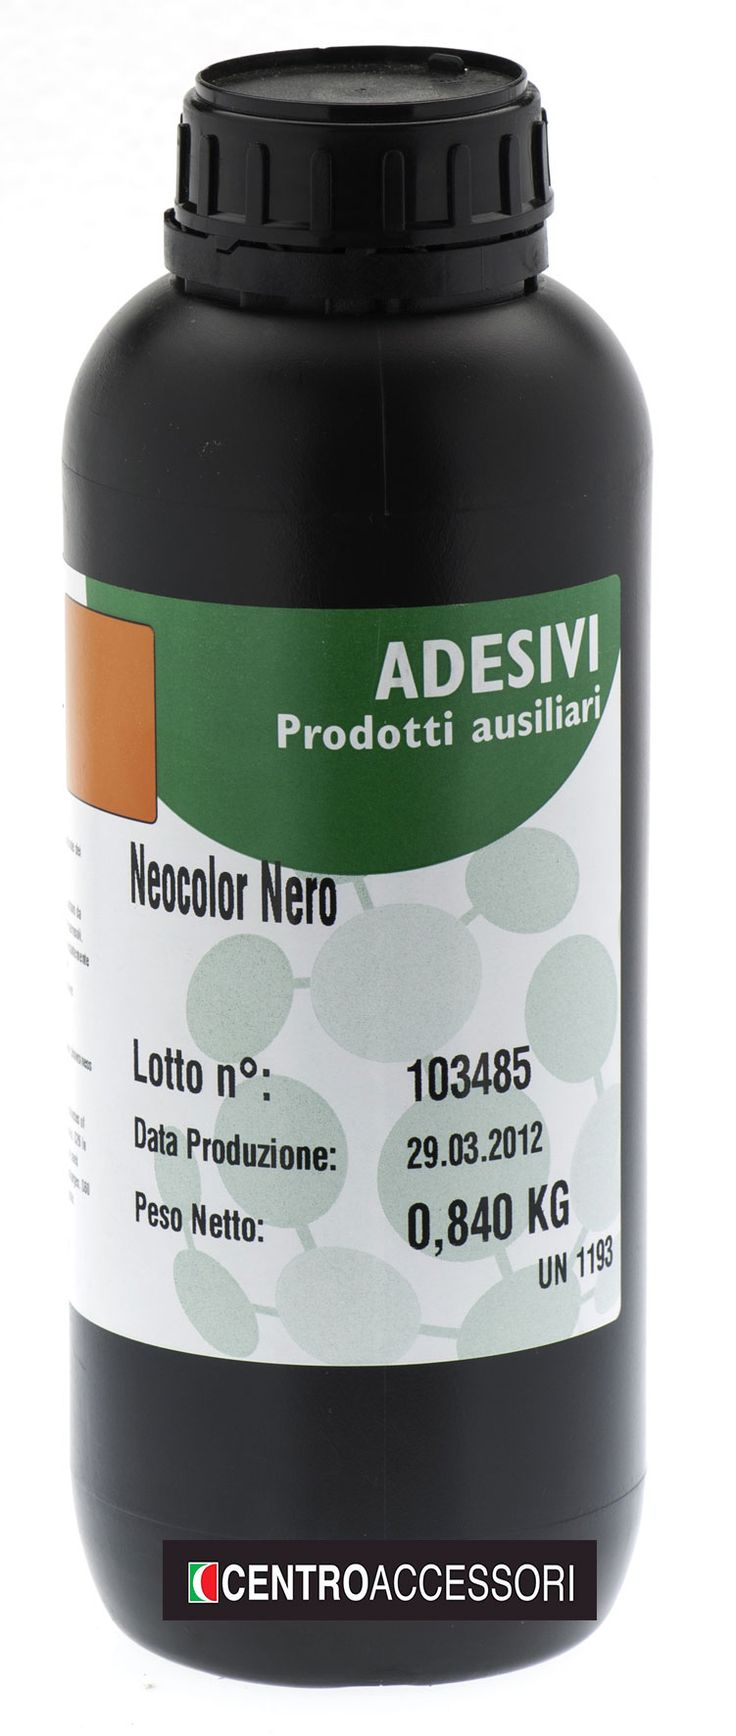 Neocolor/Ecocolor, coloranti per adesivi a base poliuretanica, policloroprenica e base d'acqua. Colouring agent for solvent based adhesives. #CentroAccessori